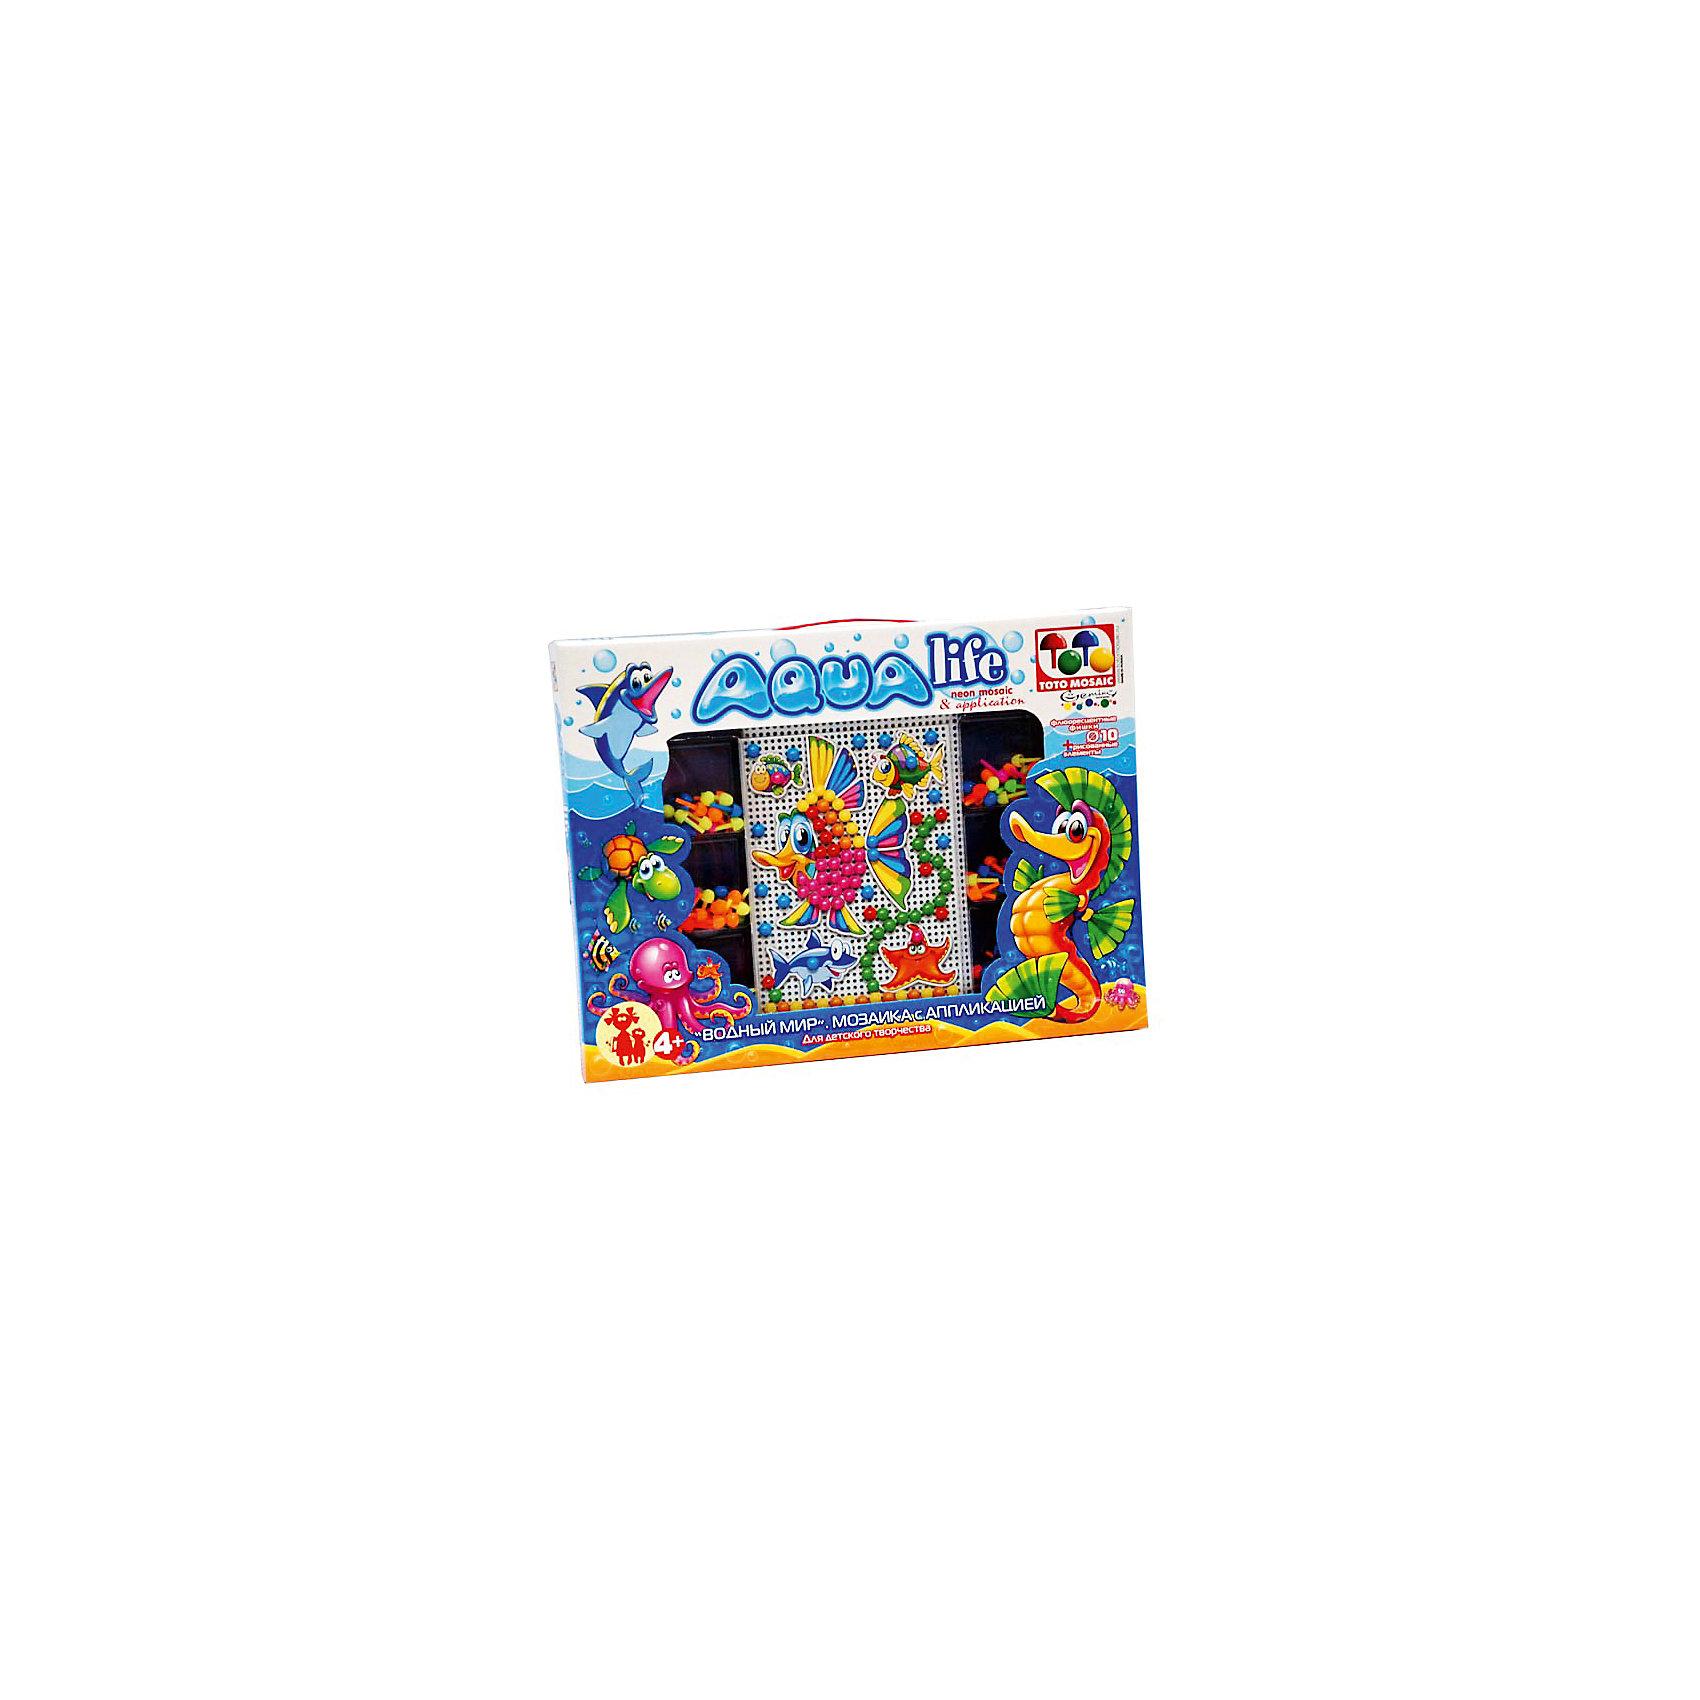 Toys Union Мозаика с аппликацией Водный мир, 140 деталей, д. 10 мм, Toys Union toys union напольная мозаика рыбка 25 деталей д 58 мм toys union